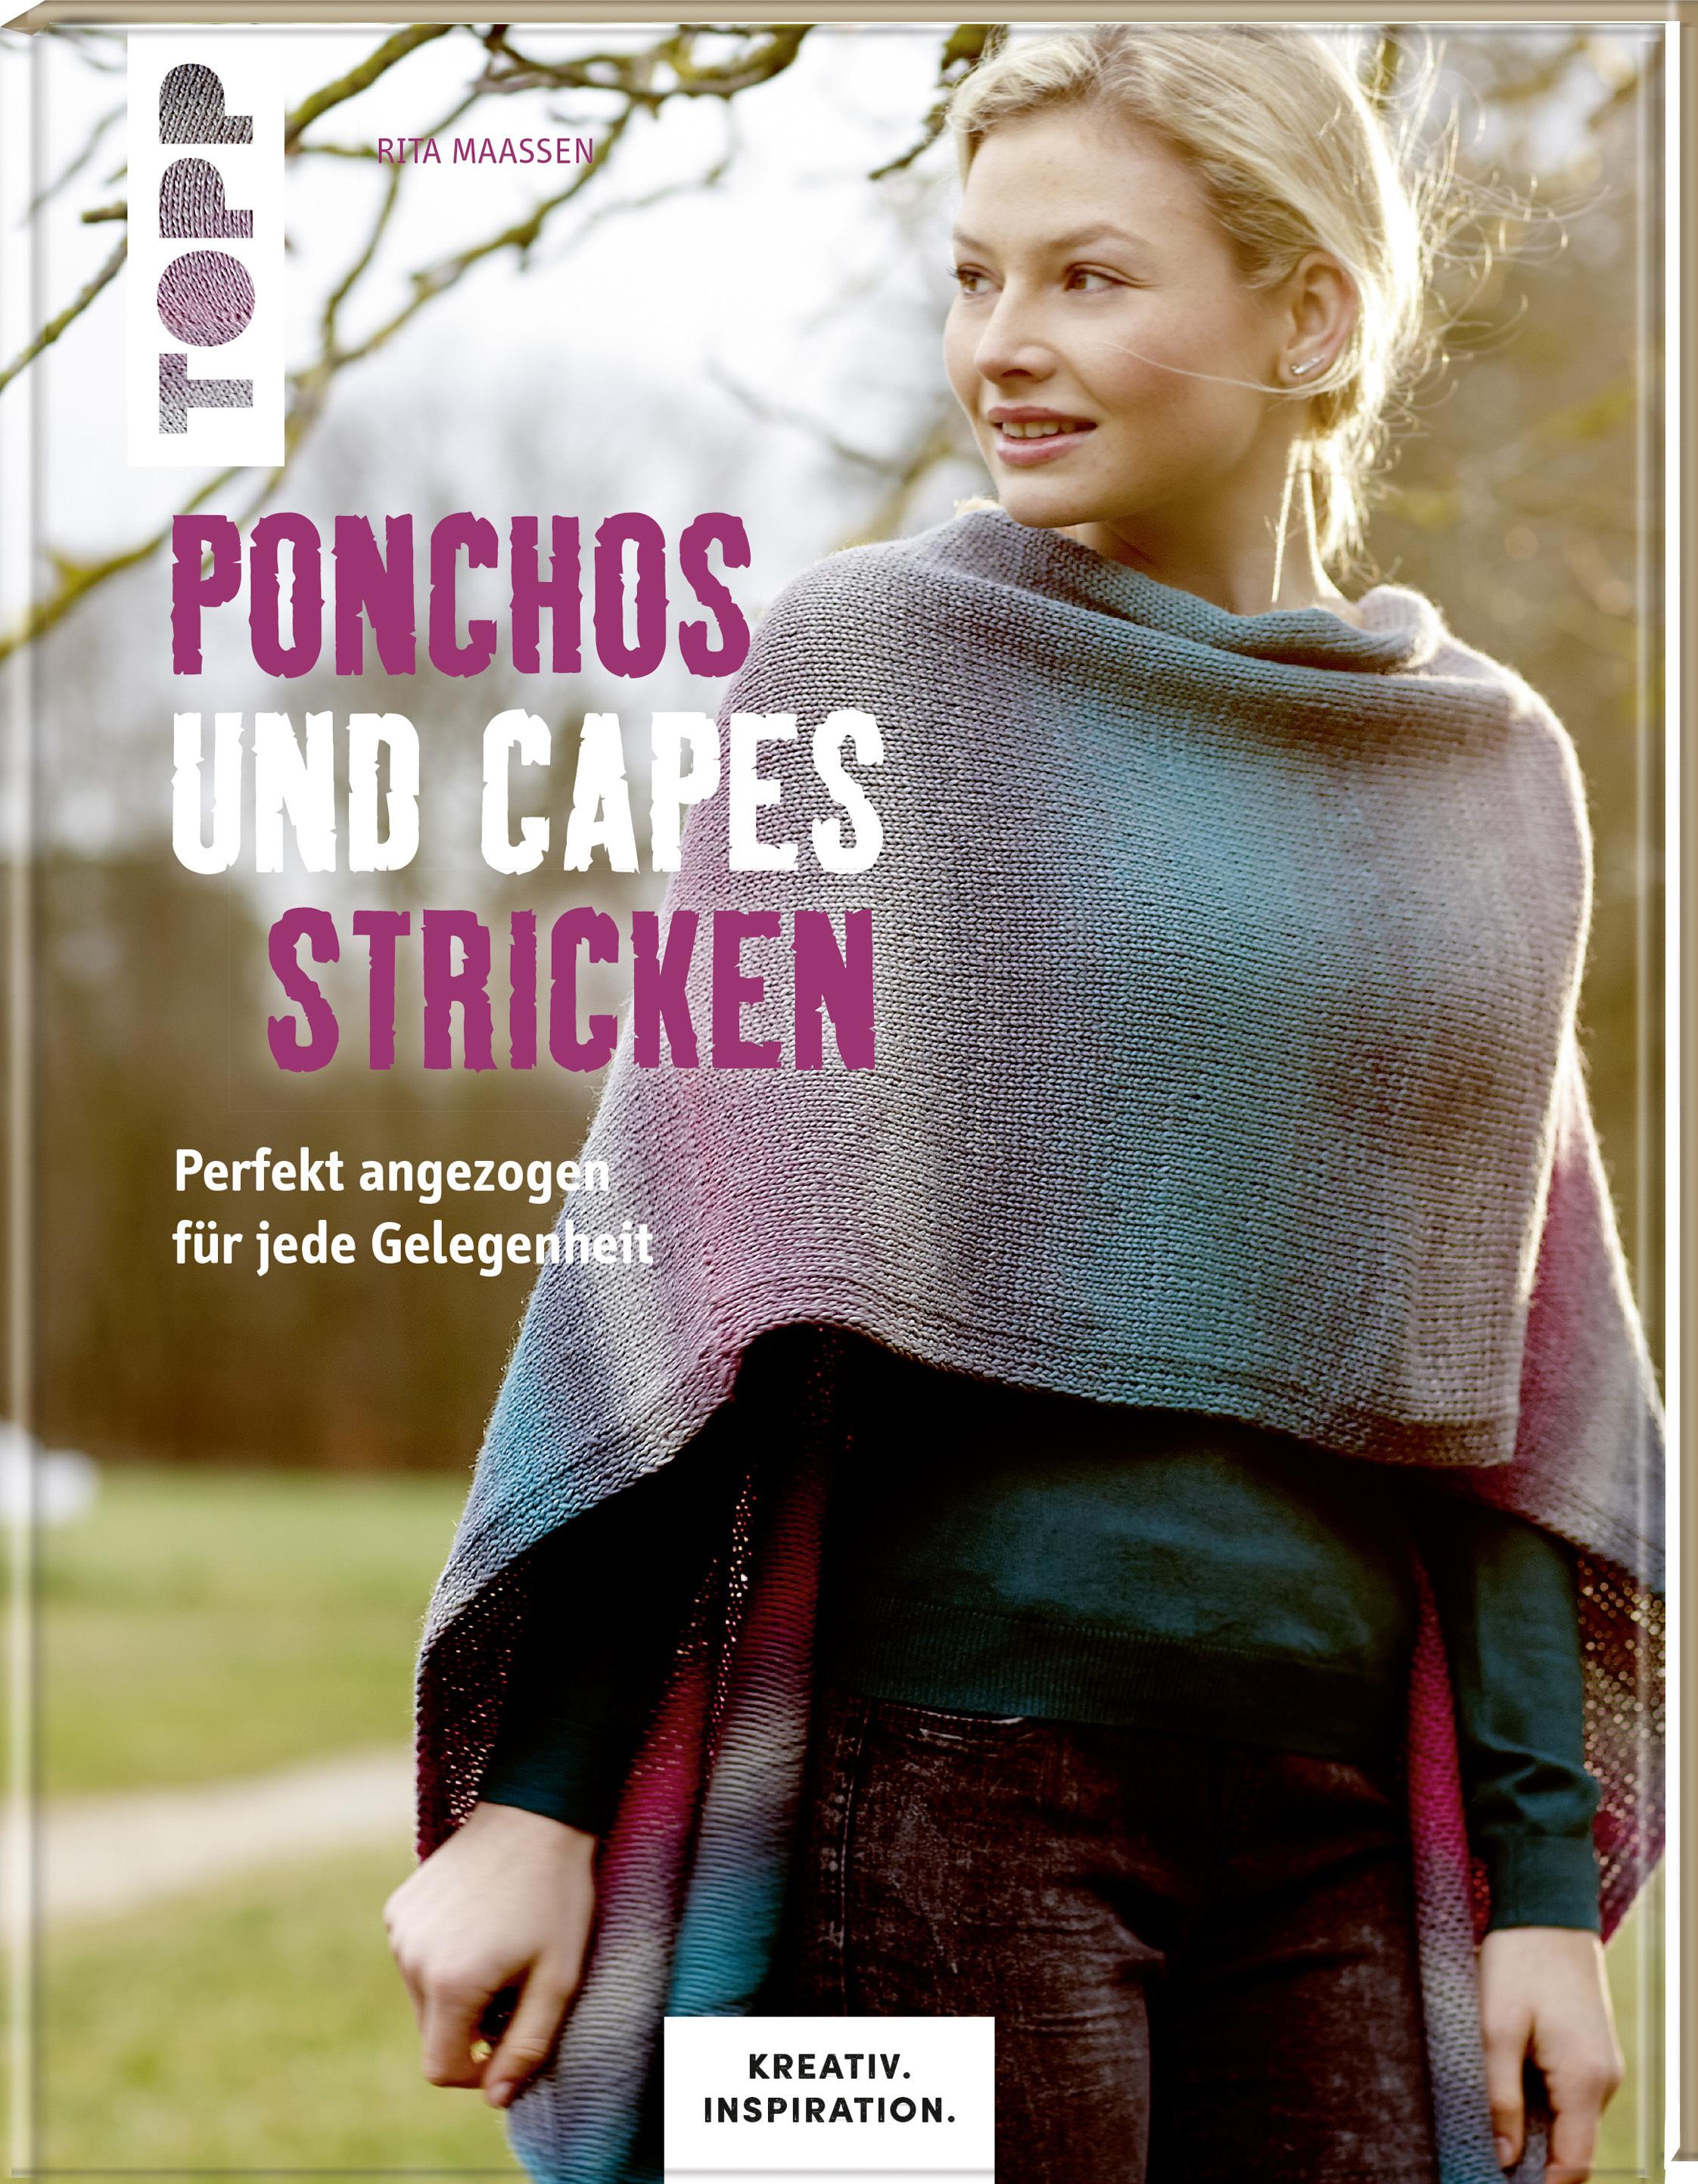 Ponchos Und Capes Stricken Ponchocape Stricken Anleitung Von Topp